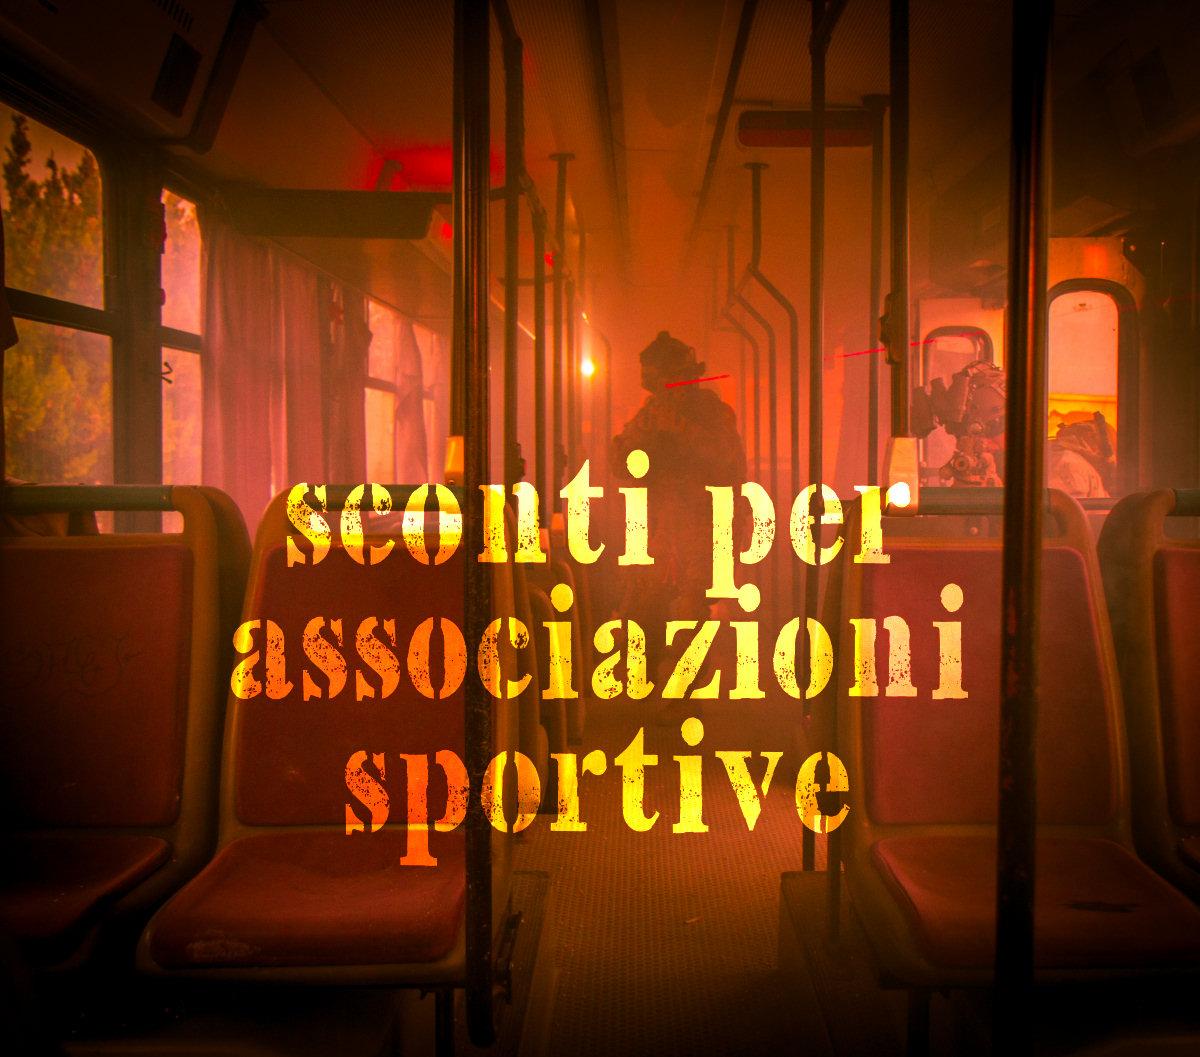 sconti associazioni sportive softair